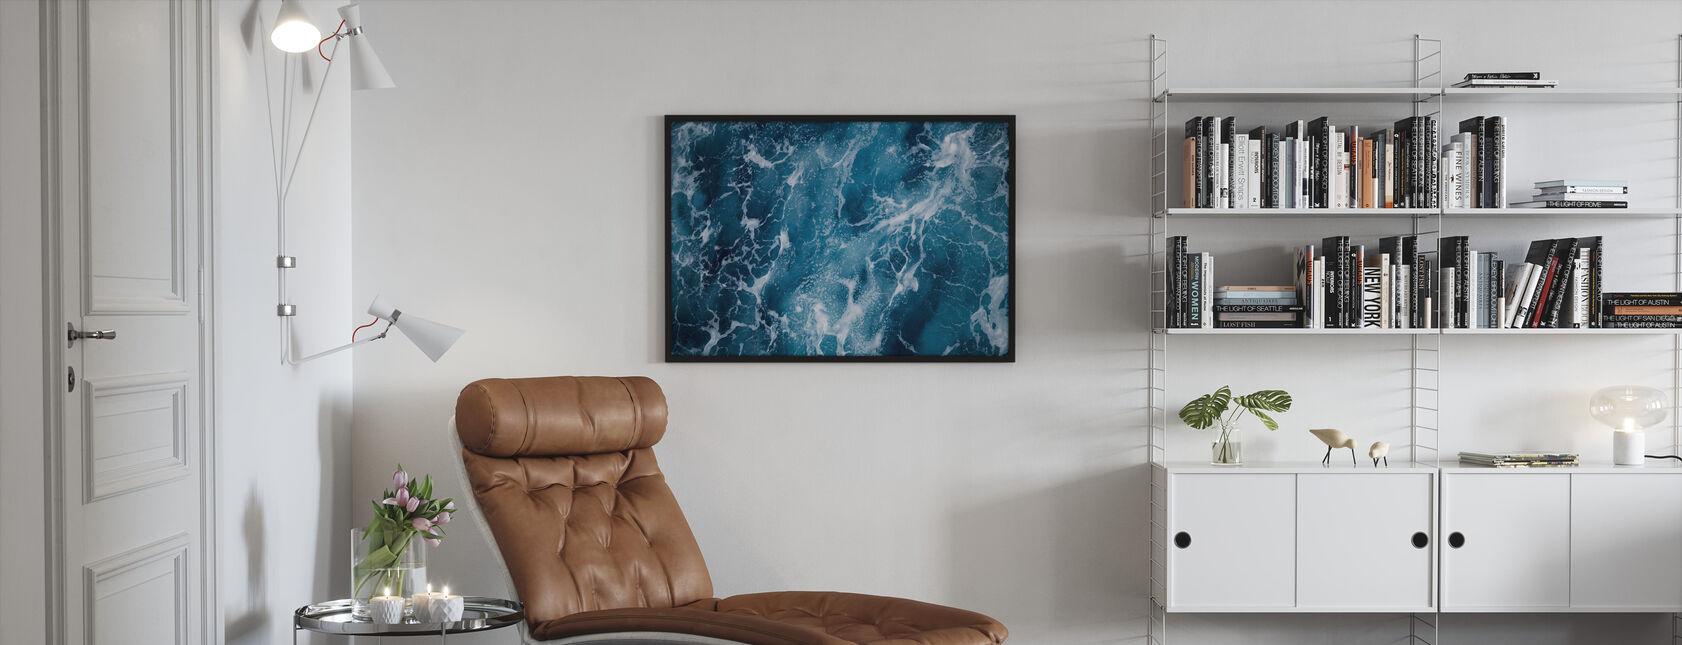 Tiefseeschäumung - Gerahmtes bild - Wohnzimmer